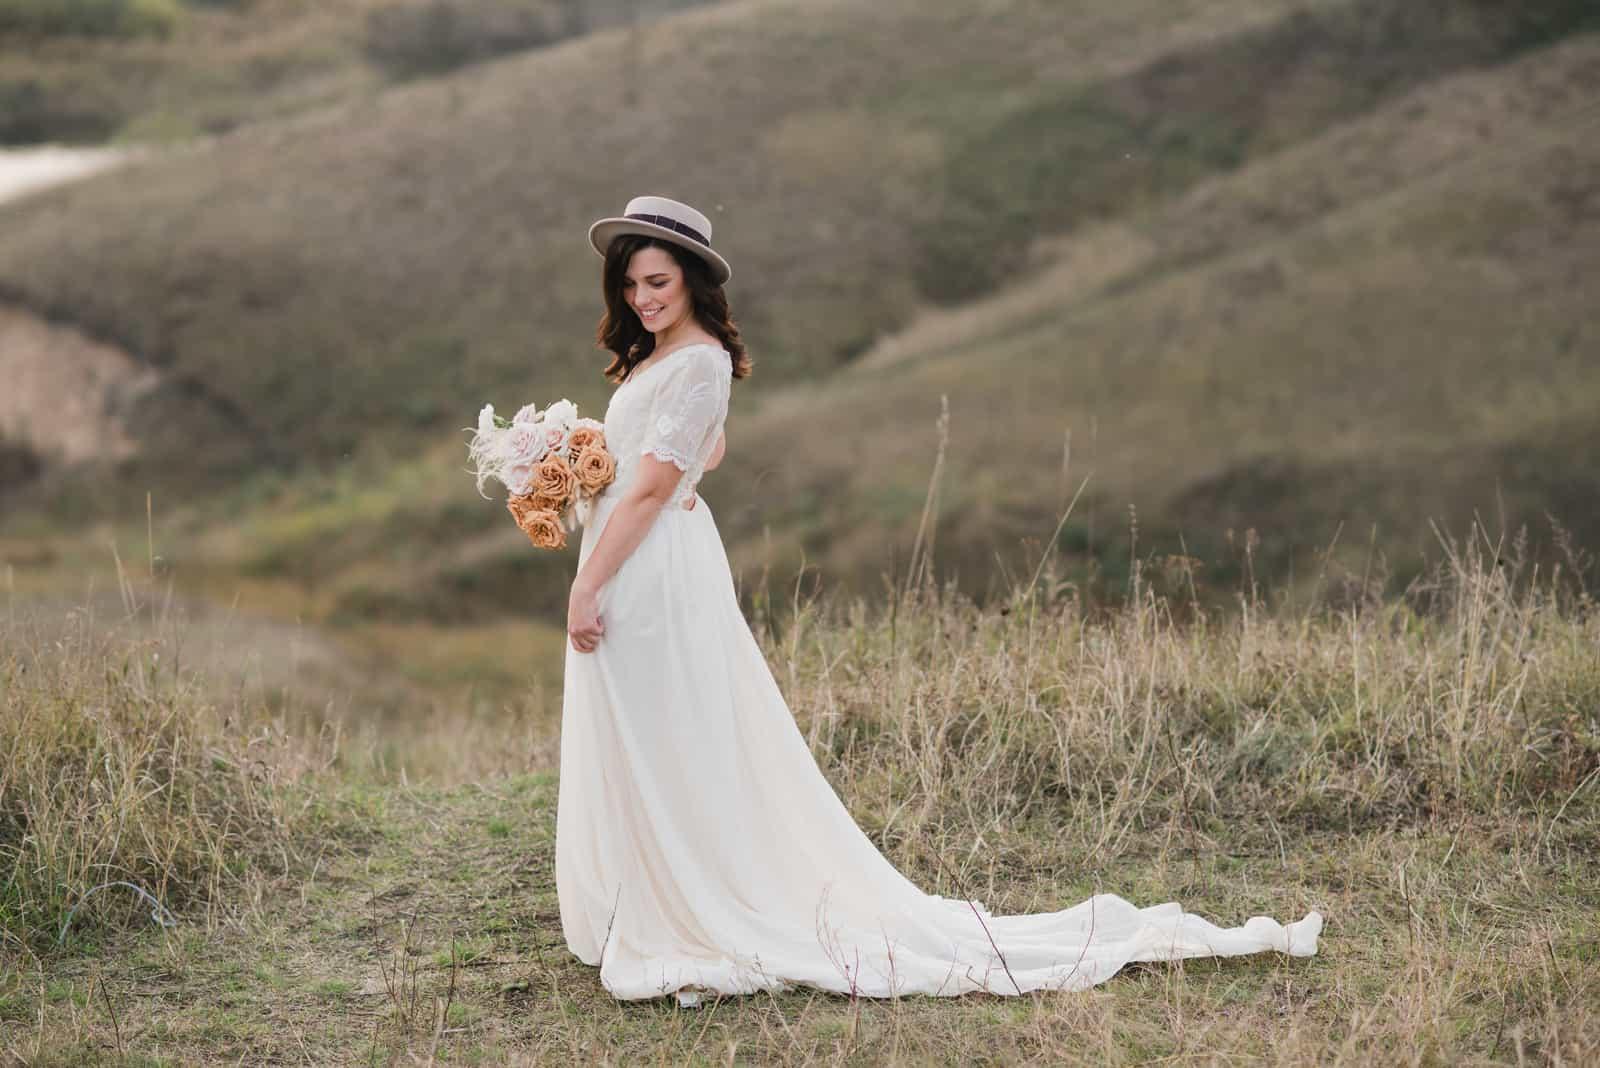 Frau im Hochzeitskleid und einem Hut